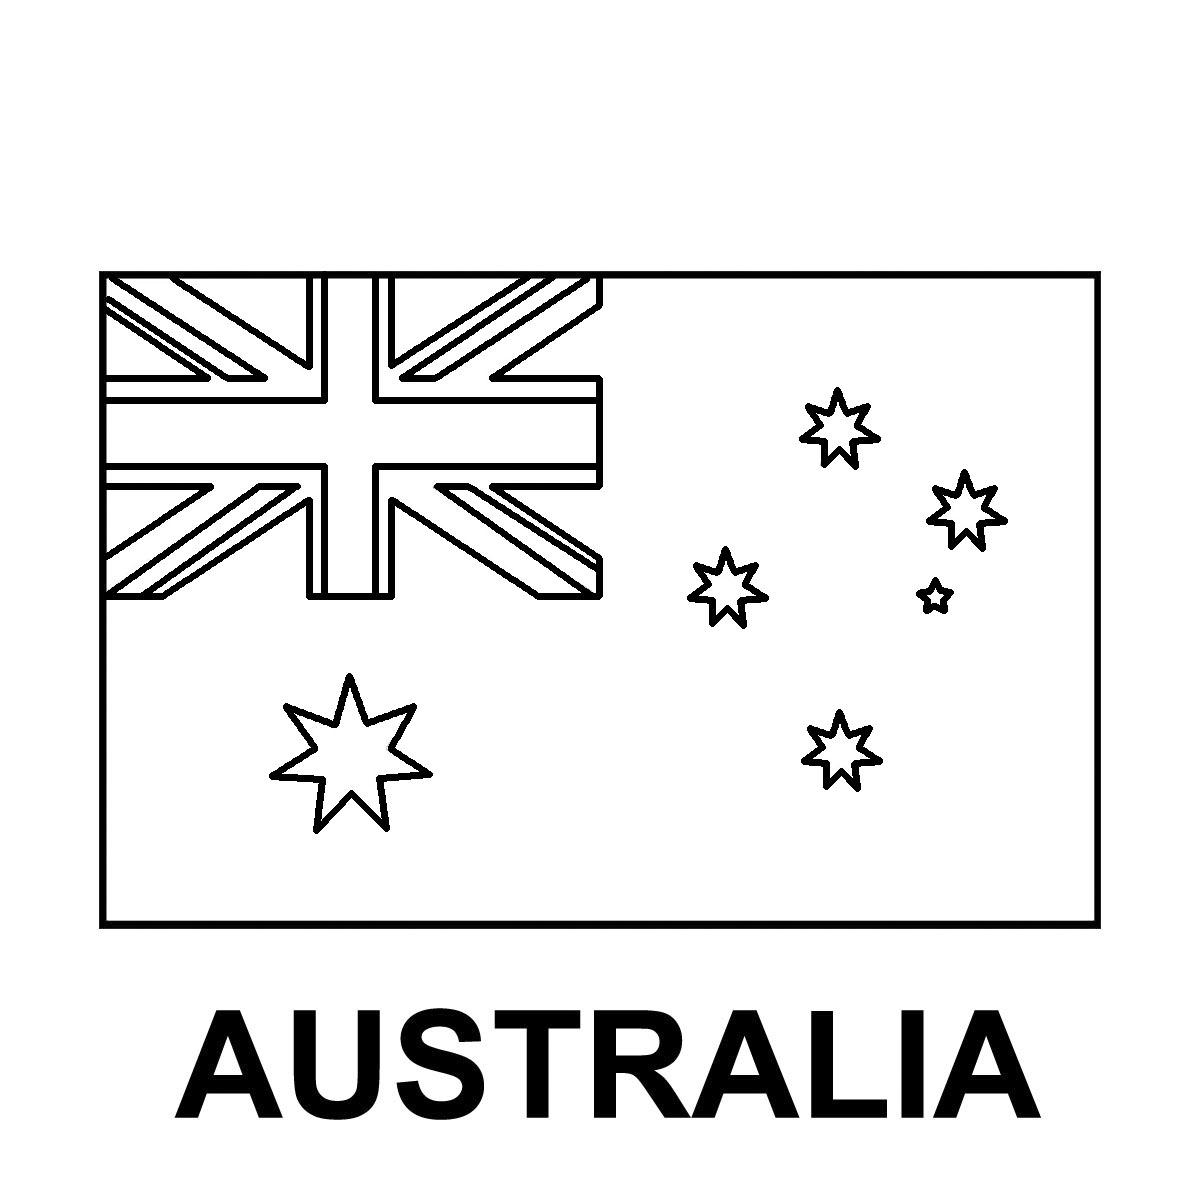 Microsoft Clip Art Australia